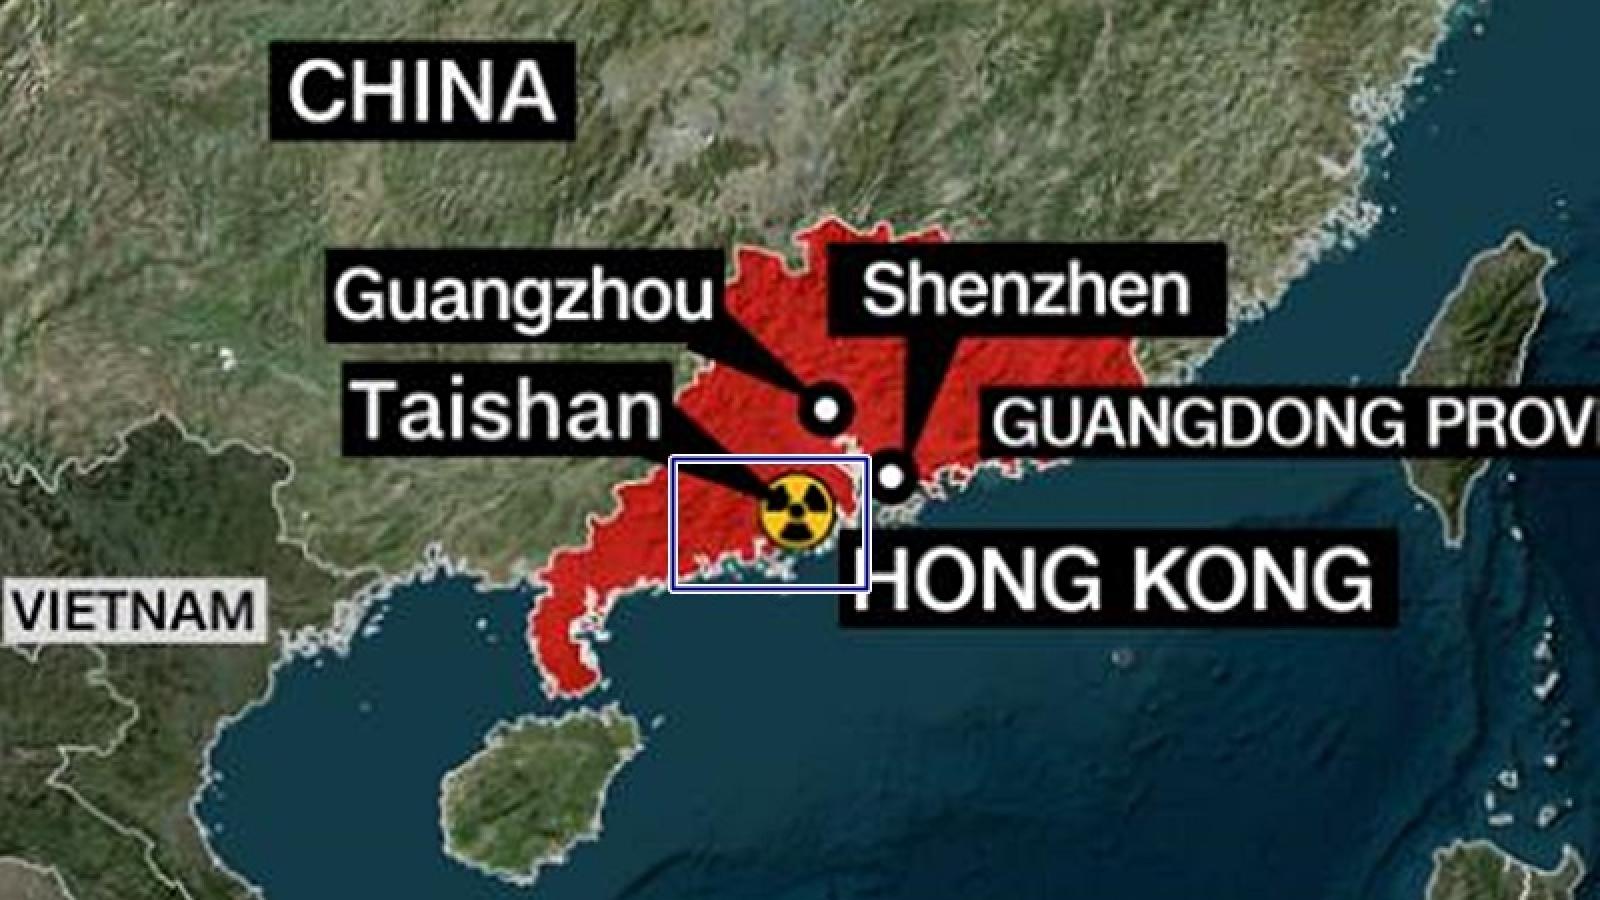 Mỹ theo dõi chặt chẽ cáo buộc nhà máy hạt nhân Trung Quốc bị rò rỉ phóng xạ gần Việt Nam